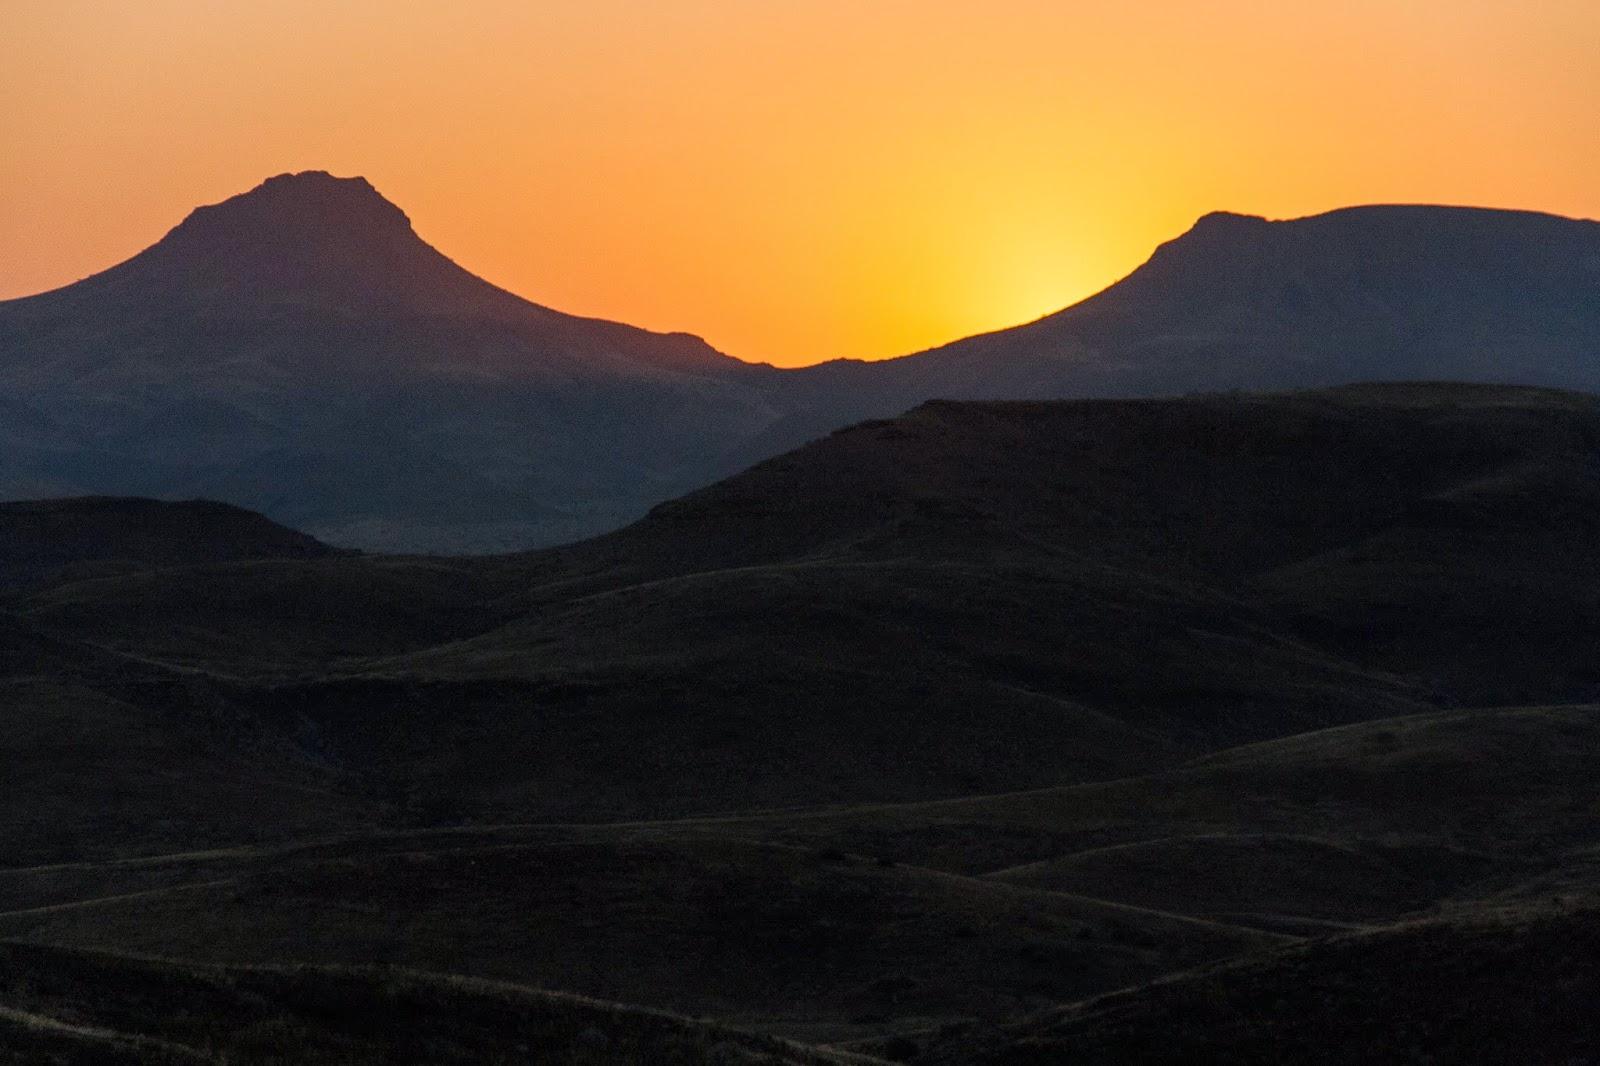 sunset damaraland namibia safari